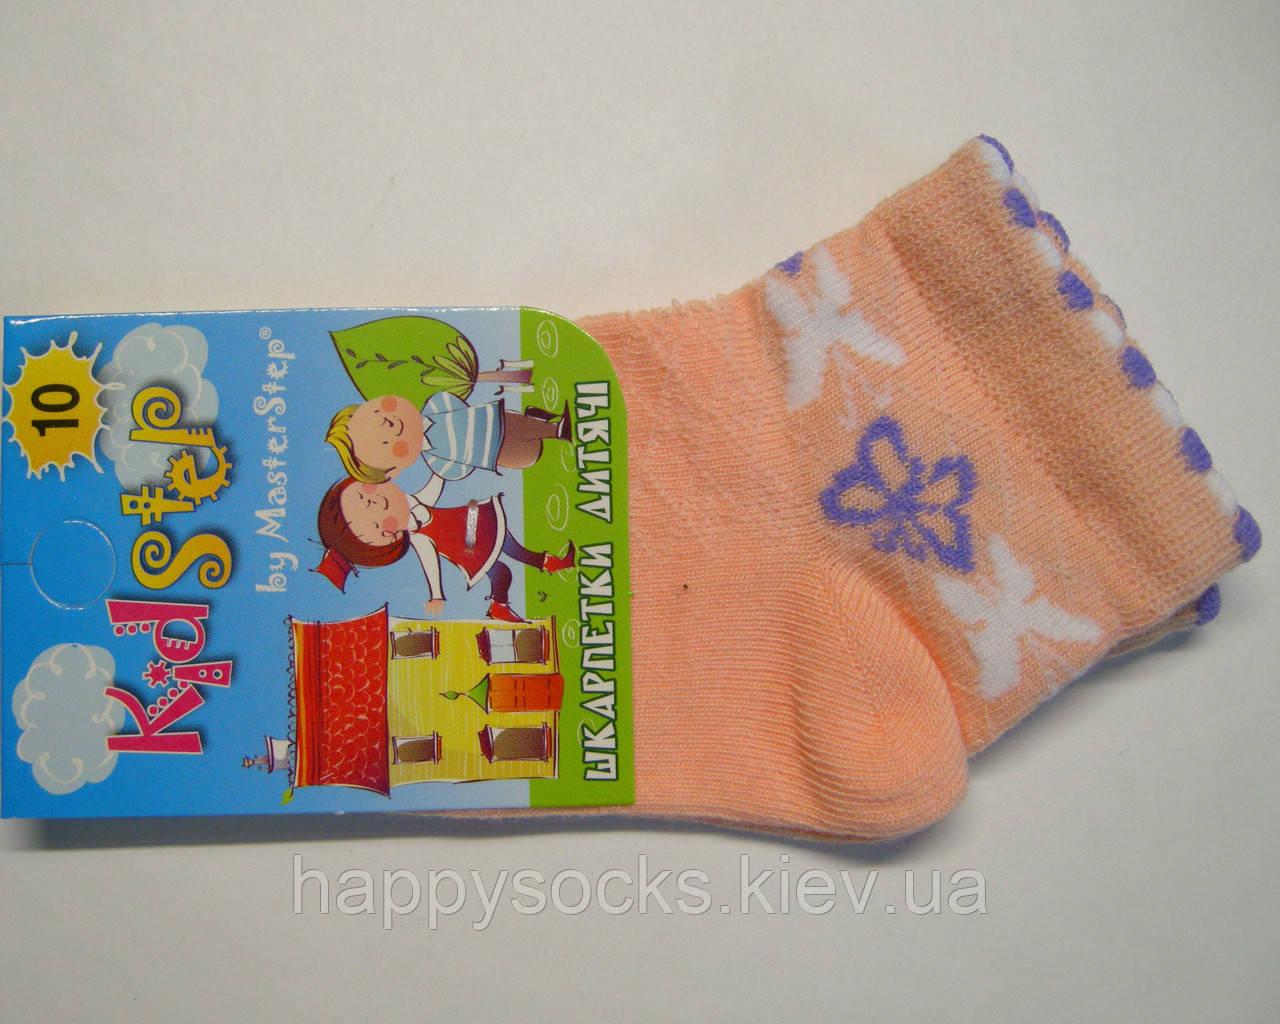 Носки в сетку летние для девочек персикого цвета